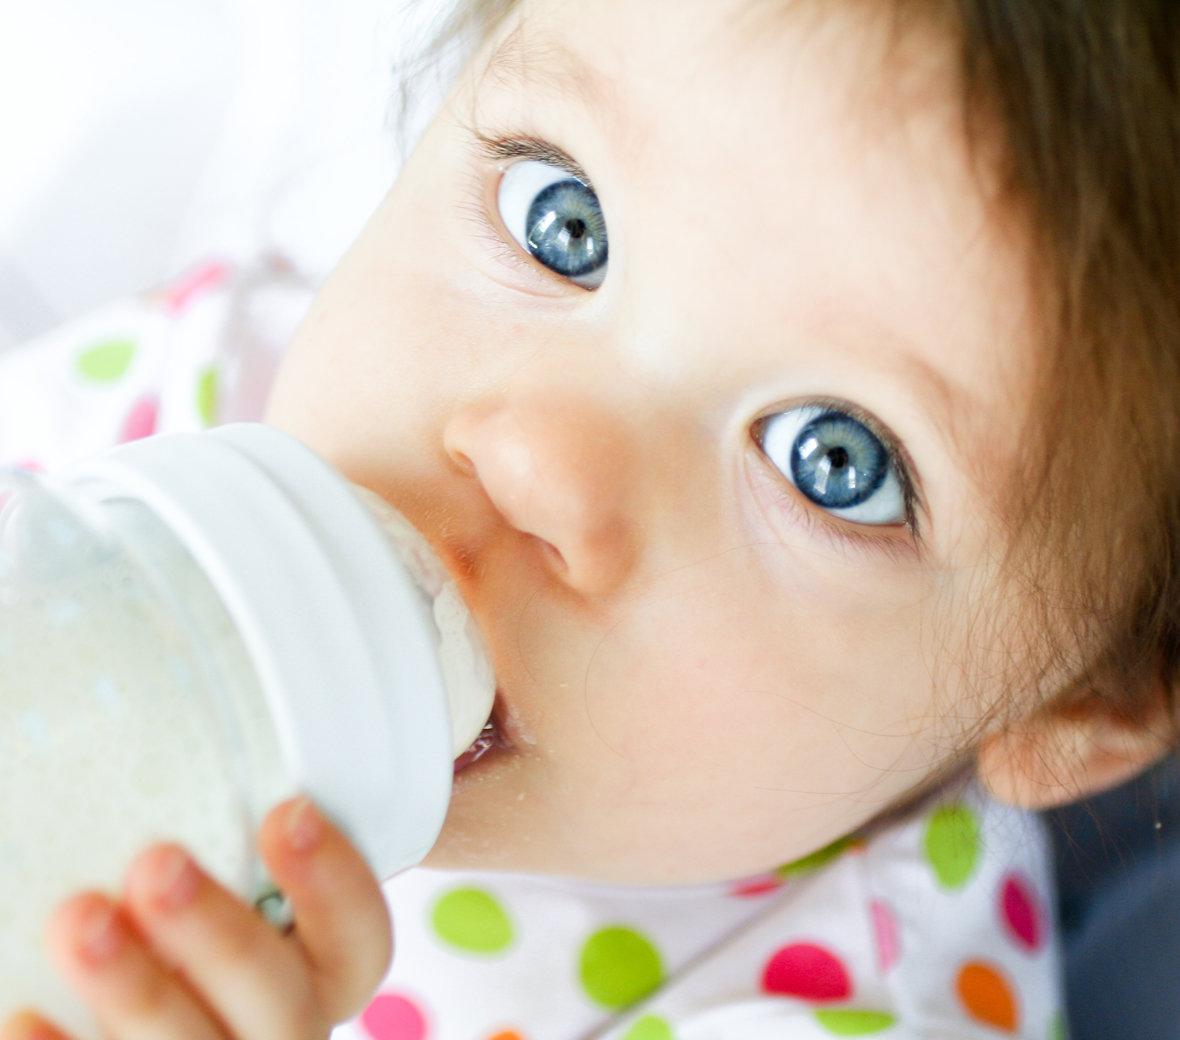 Как отучить ребенка от бутылочки, отучаем ребенка от бутылочки в 1,5, 2 года, ночью